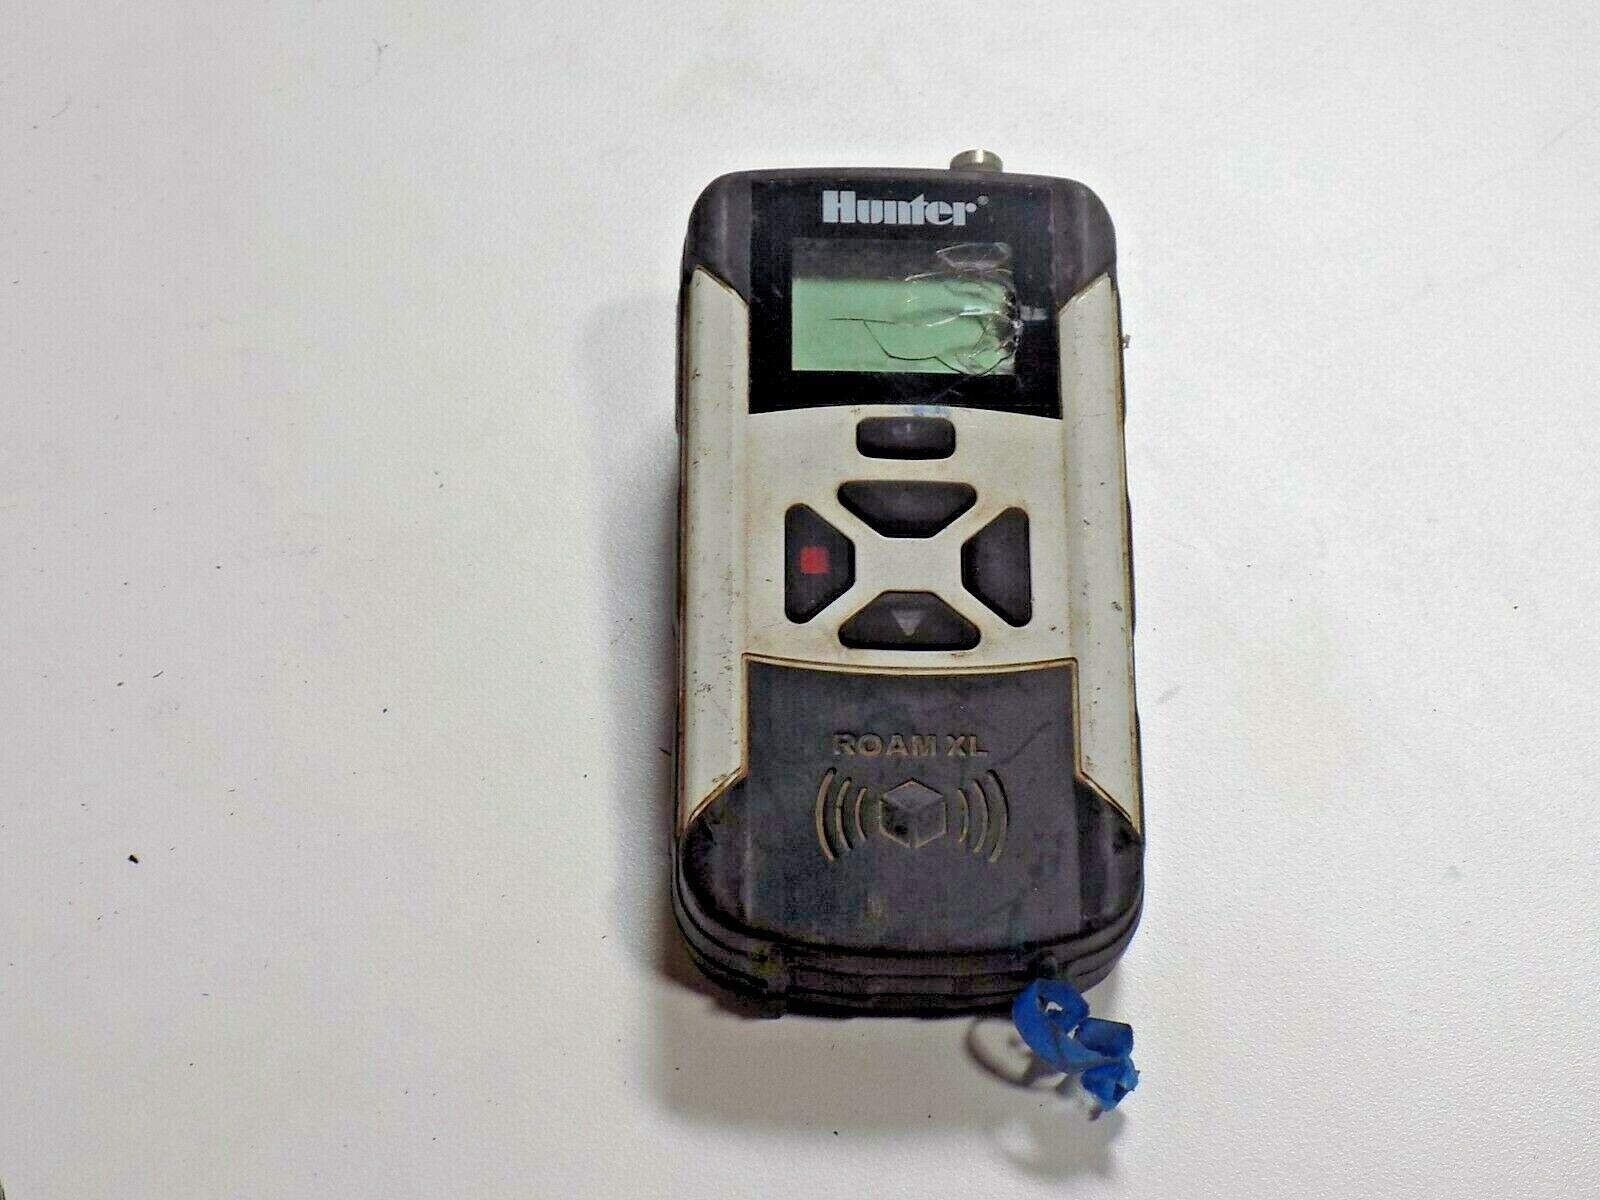 Hunter Roam Xl control remoto de largo alcance sistema de riego transmisor MAY14@A55